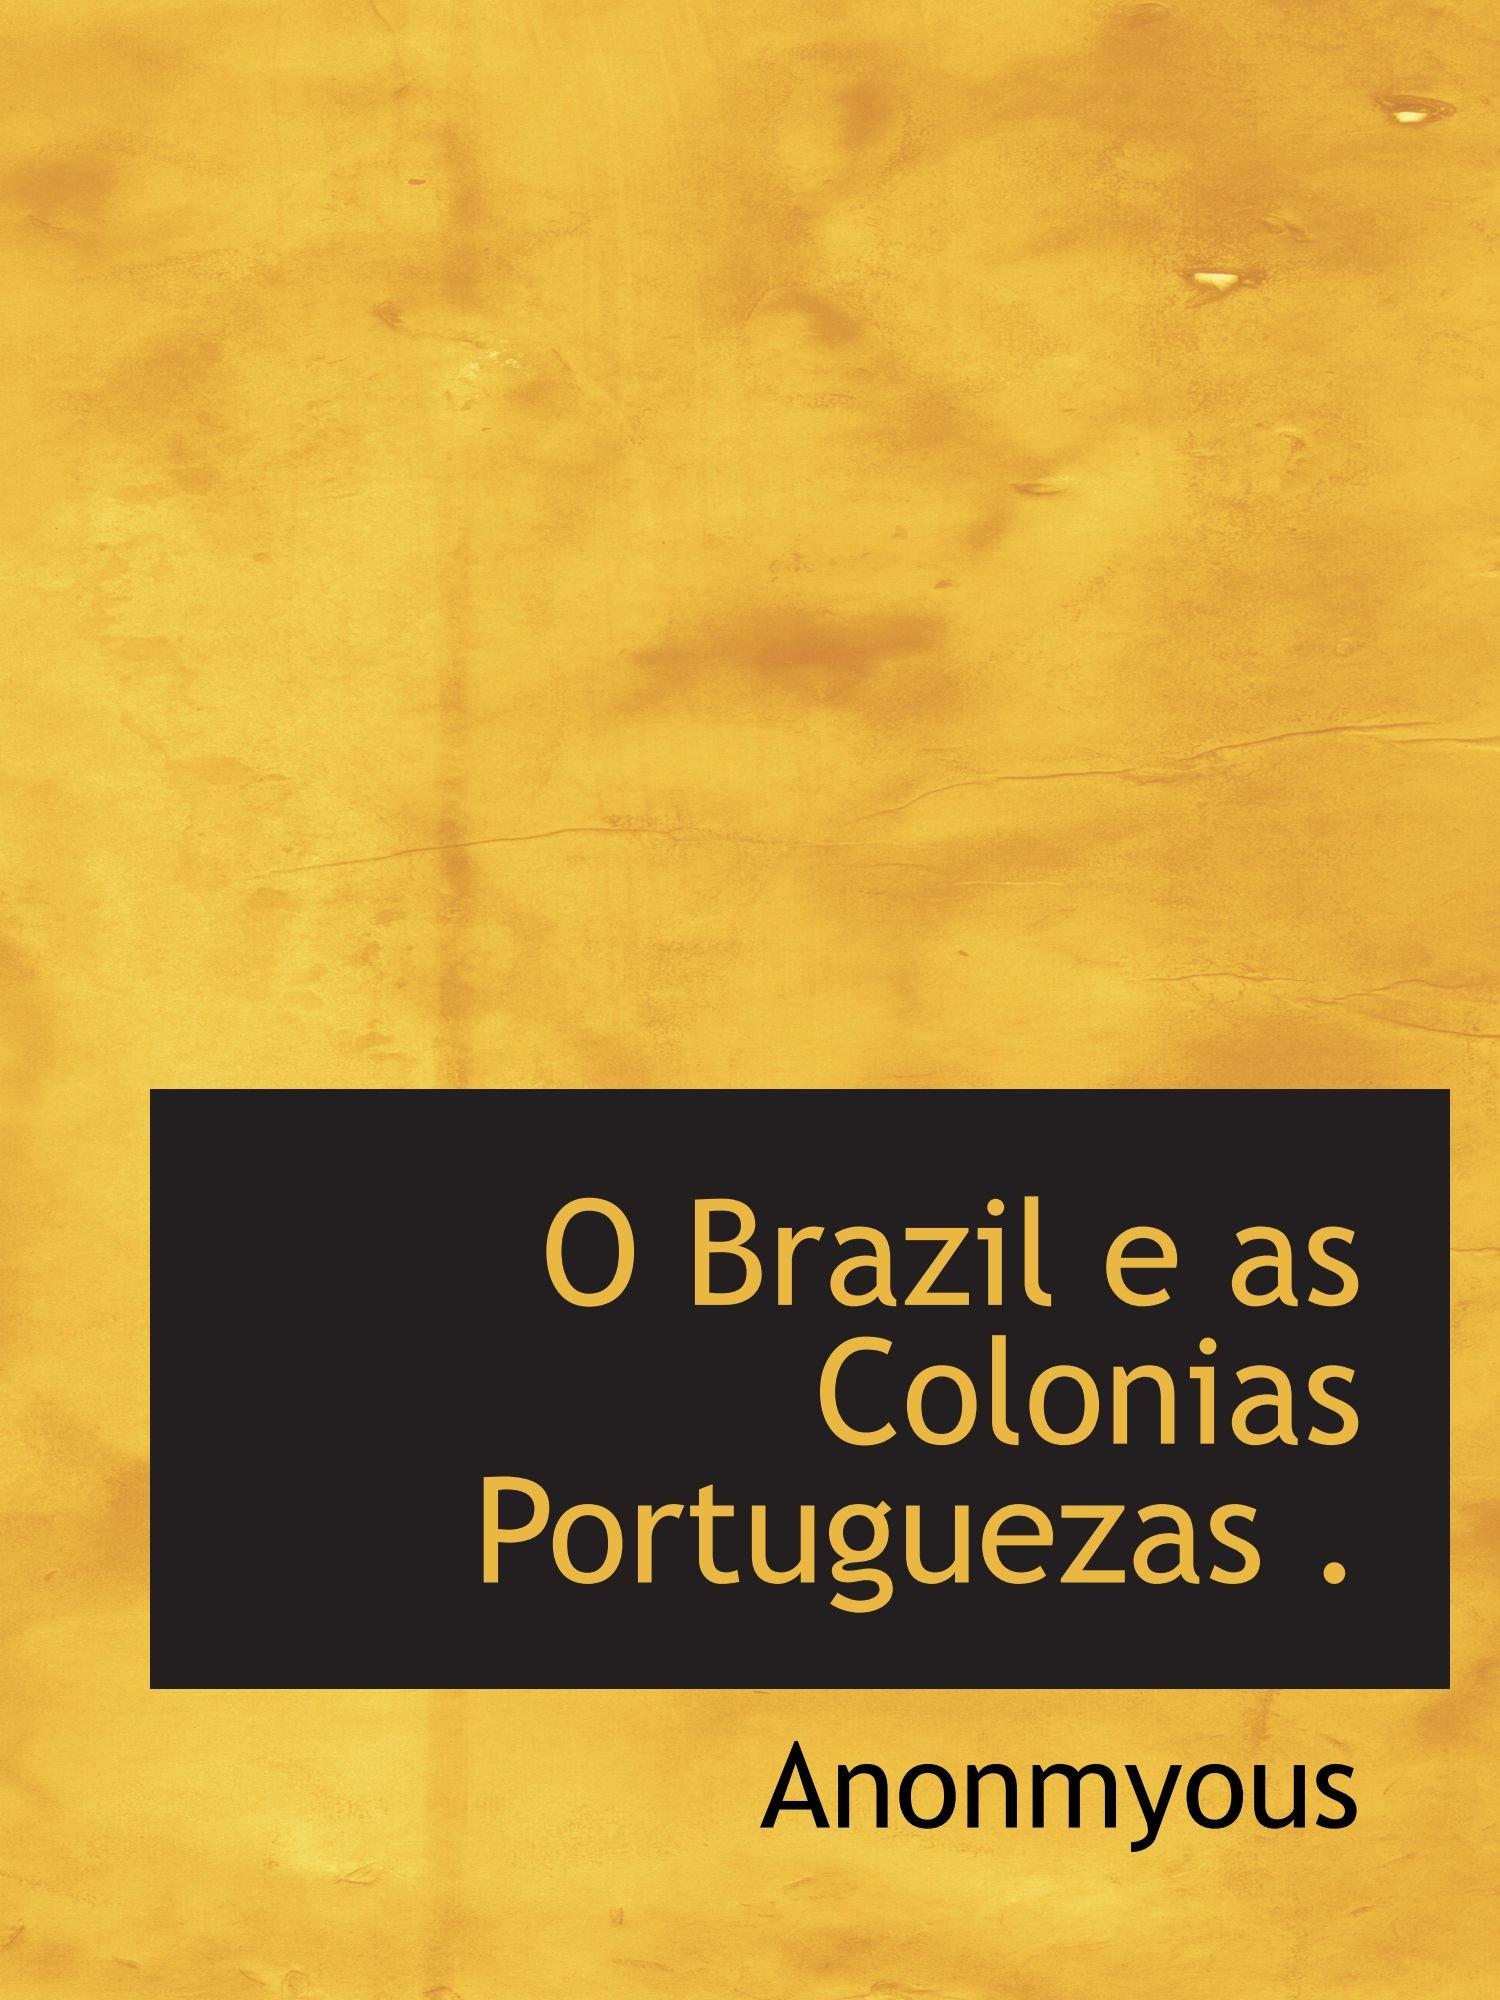 O Brazil e as Colonias Portuguezas: Amazon.es: Anonmyous: Libros en idiomas extranjeros